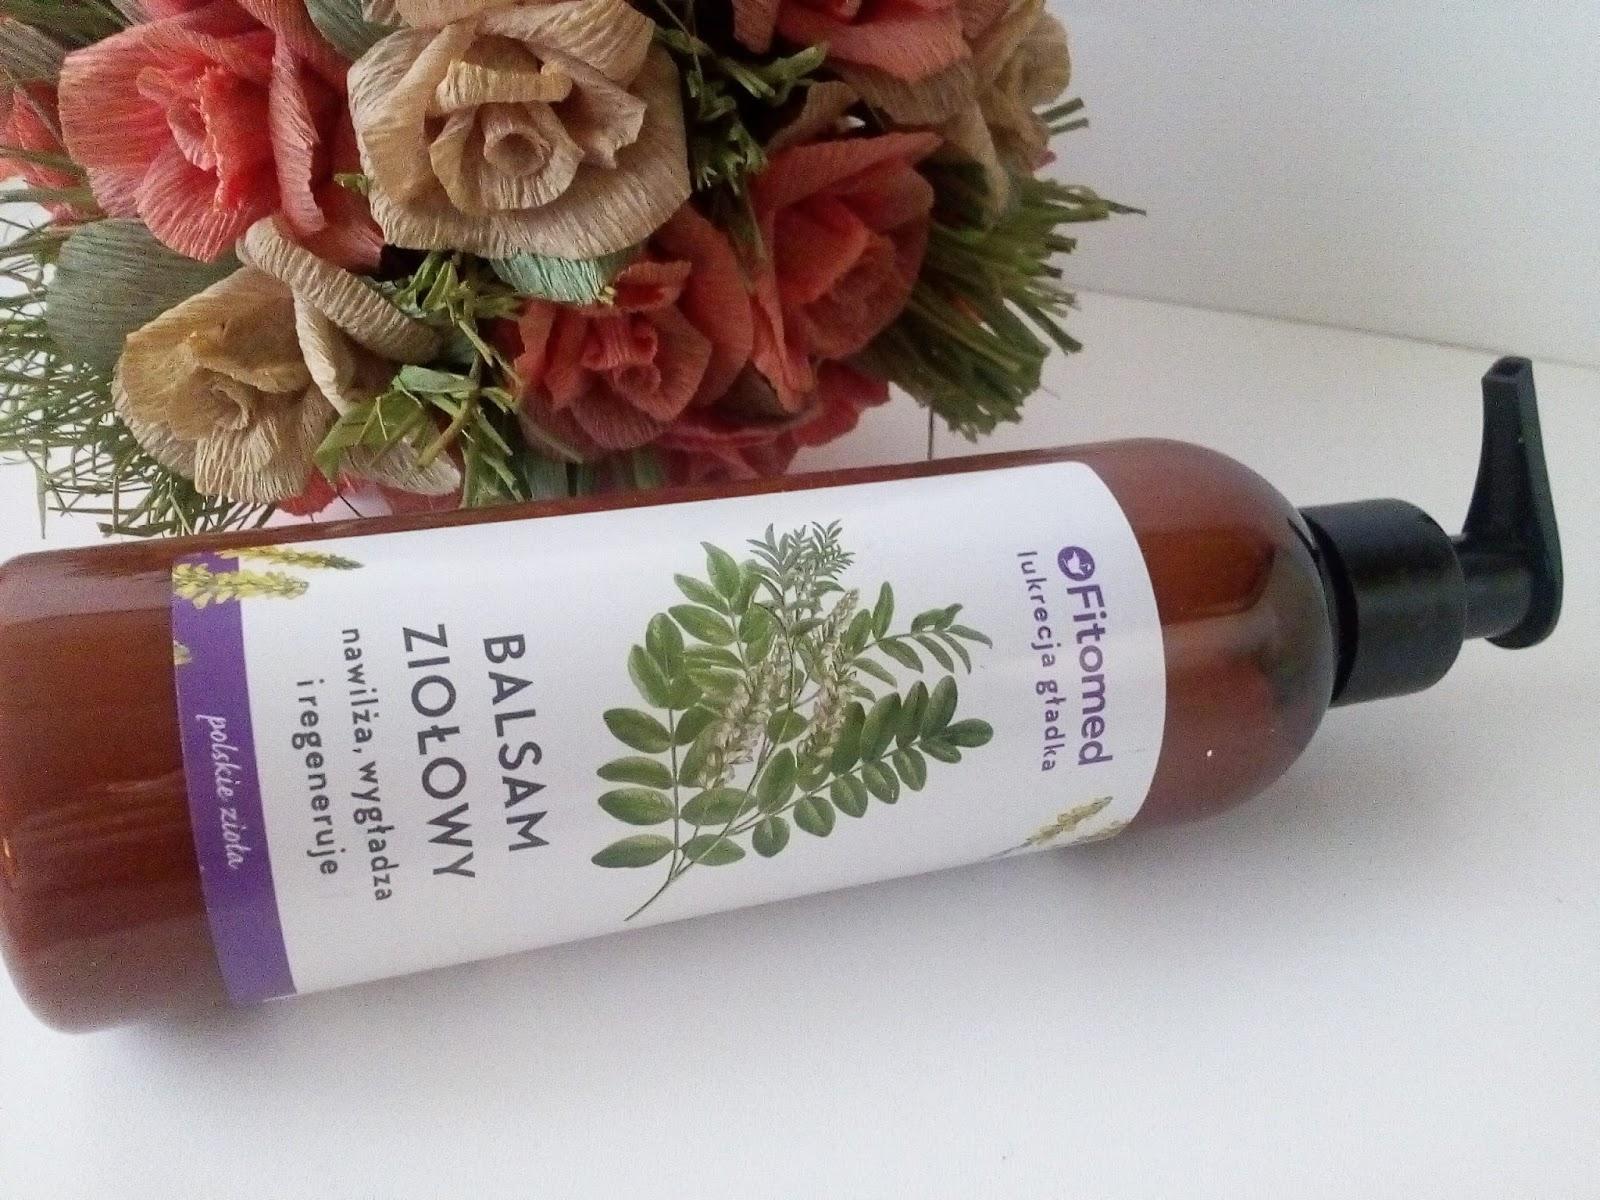 Lukrecja w kosmetykach Fitomed - Balsam ziołowy do ciała